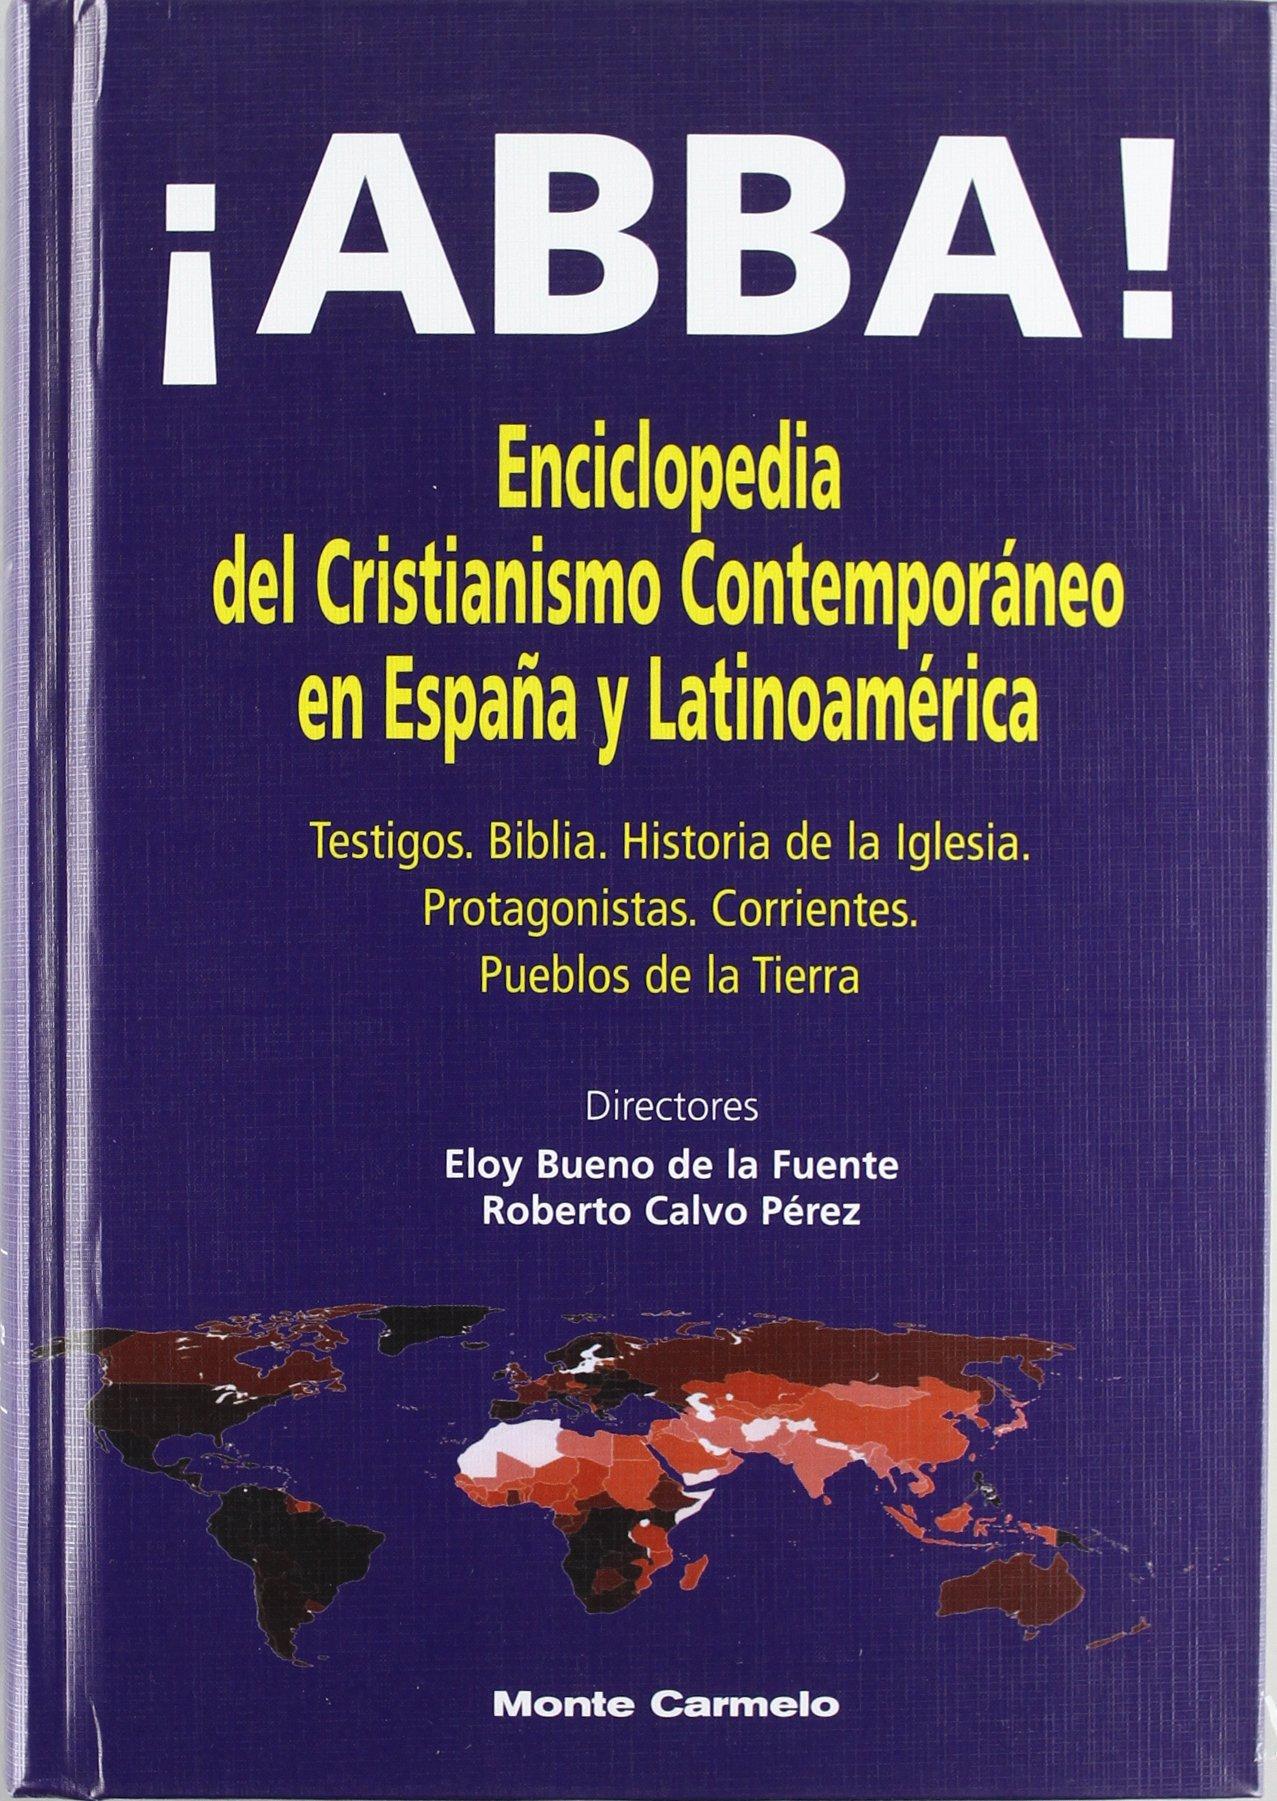 ABBA Enciclopedia Cristianismo Contempor Colección Diccionarios